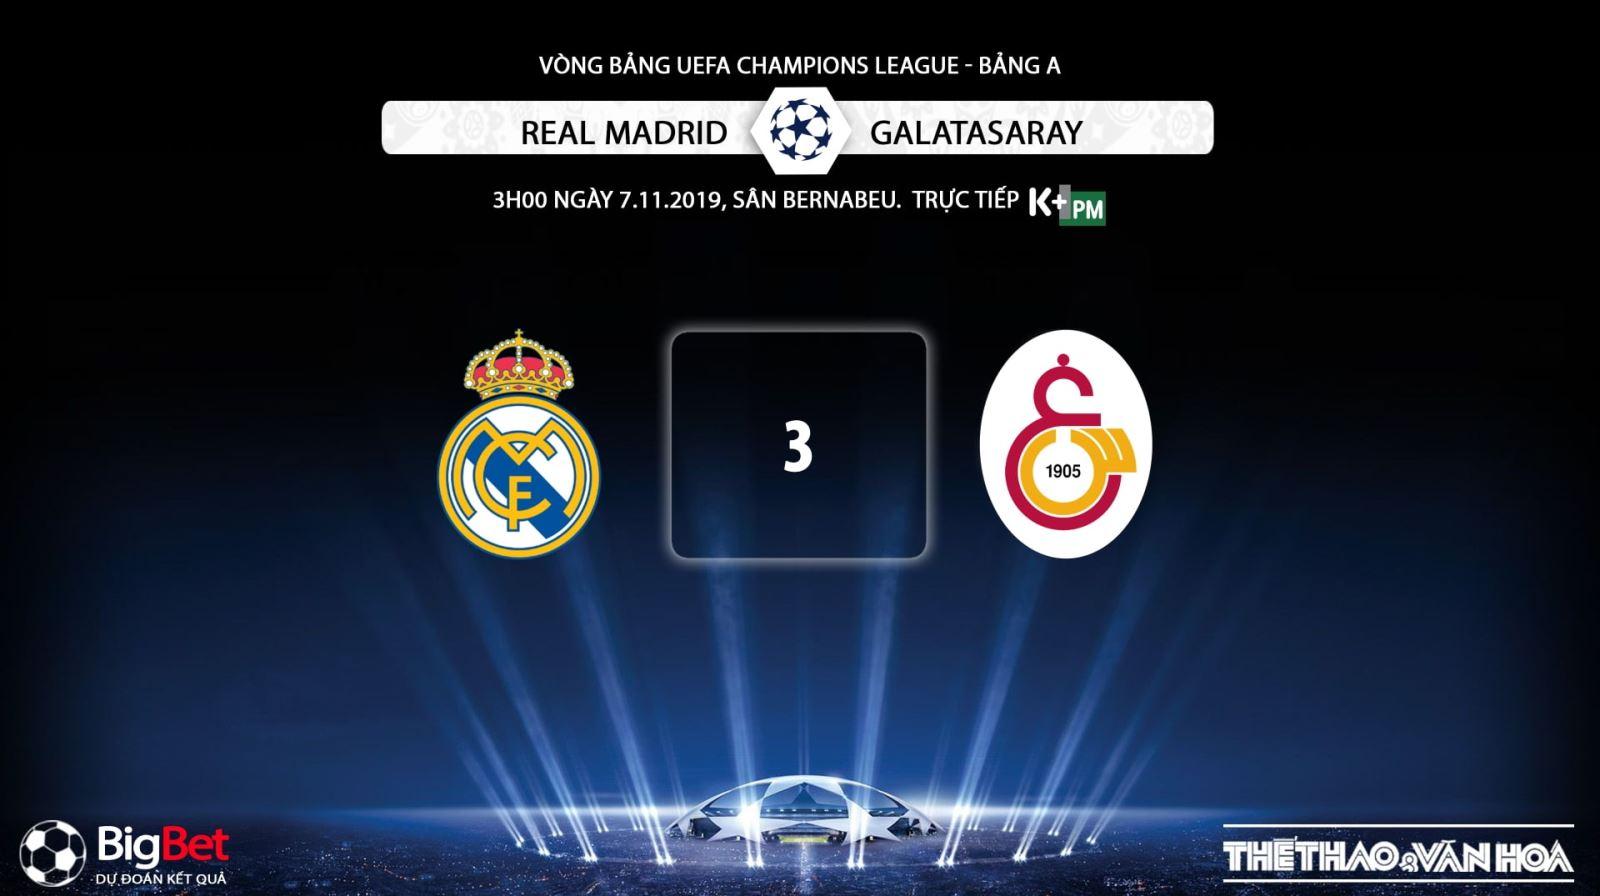 keo bong da, Real Madrid đấu với Galatasaray, kèo Real Madrid, truc tiep bong da hom nay, K+, K+PM, trực tiếp bóng đá, Real Madrid vs Galatasaray, xem bong da truc tiep, xem bóng đá trực tuyến